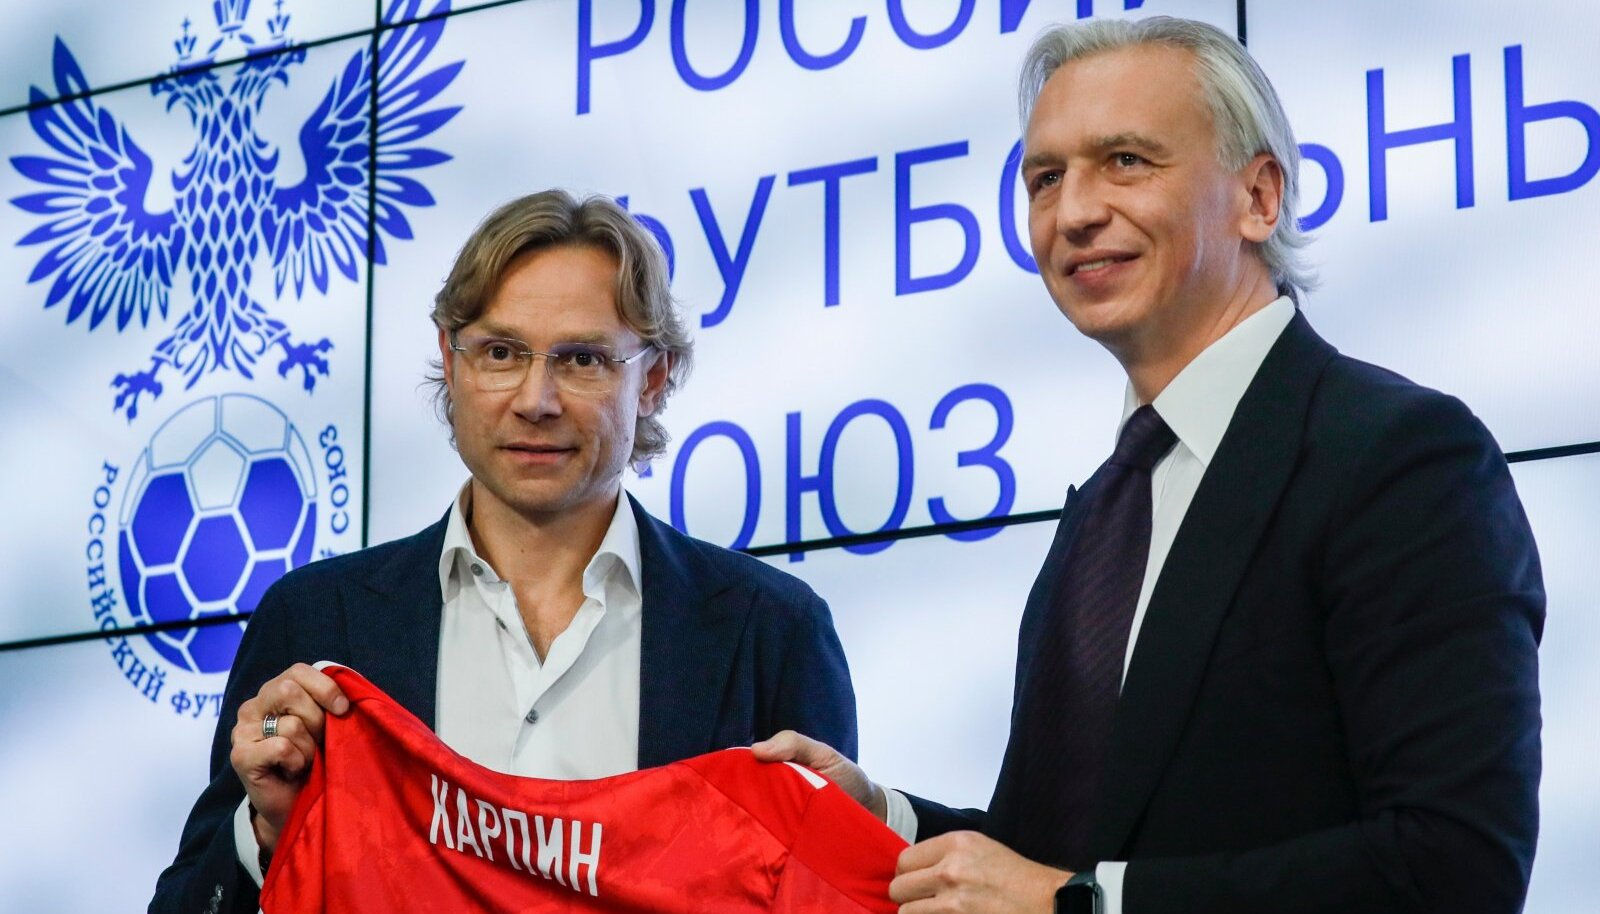 Venemaa jalgpalliliidu president Aleksandr Djukov (paremal) esitleb Valeri Karpinit kui koondise värsket peatreenerit.